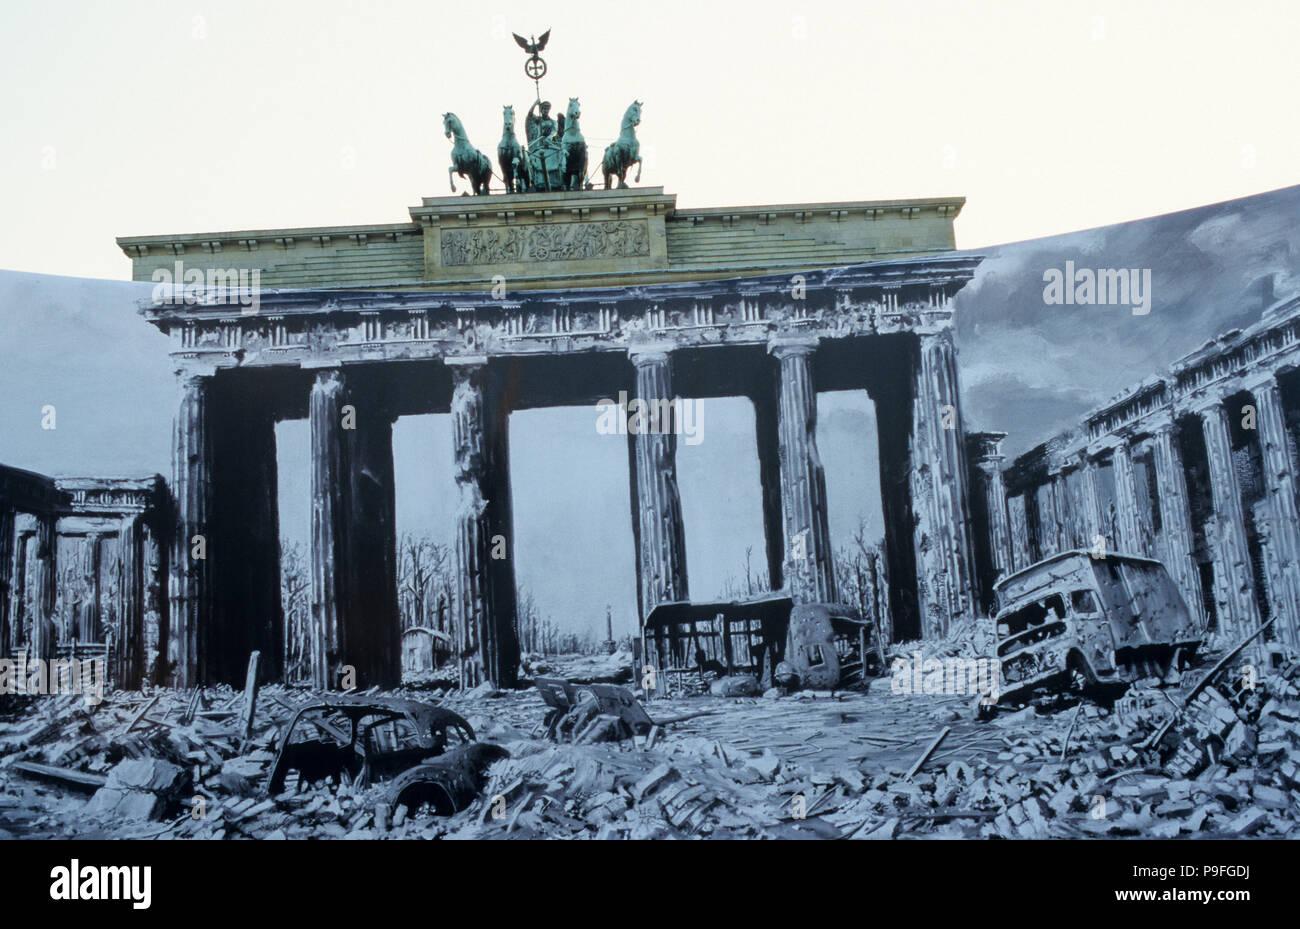 Deutschland Berlin Brandenburger Tor Mit Der Quadriga Die Skulptur An Der Spitze Der Romischen Gottin Victoria